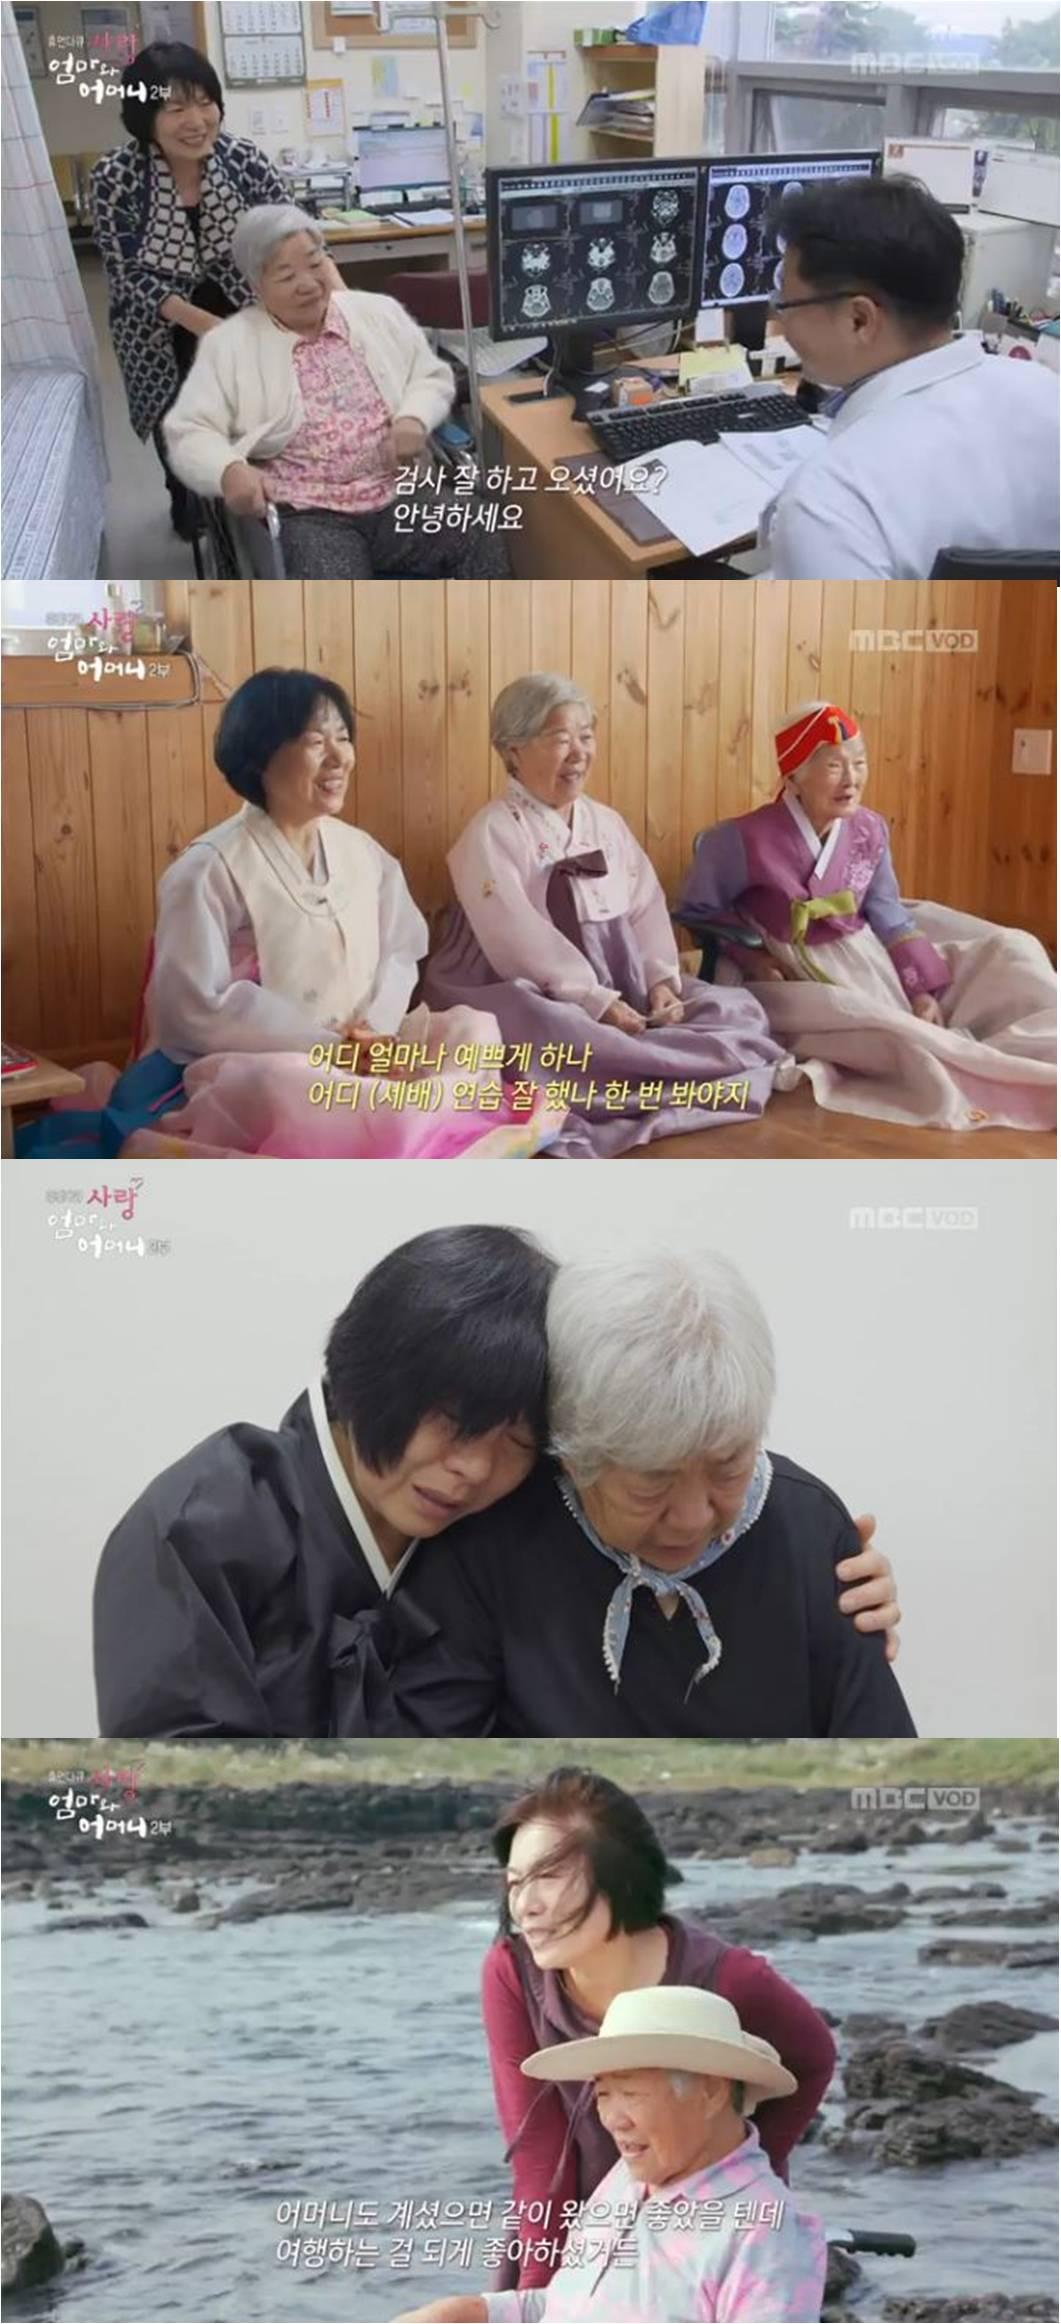 '휴먼다큐 사랑', '엄마와 어머니' 2부 방송...따뜻한 사랑과 위로 전하며 2년 간의 시간 마무리